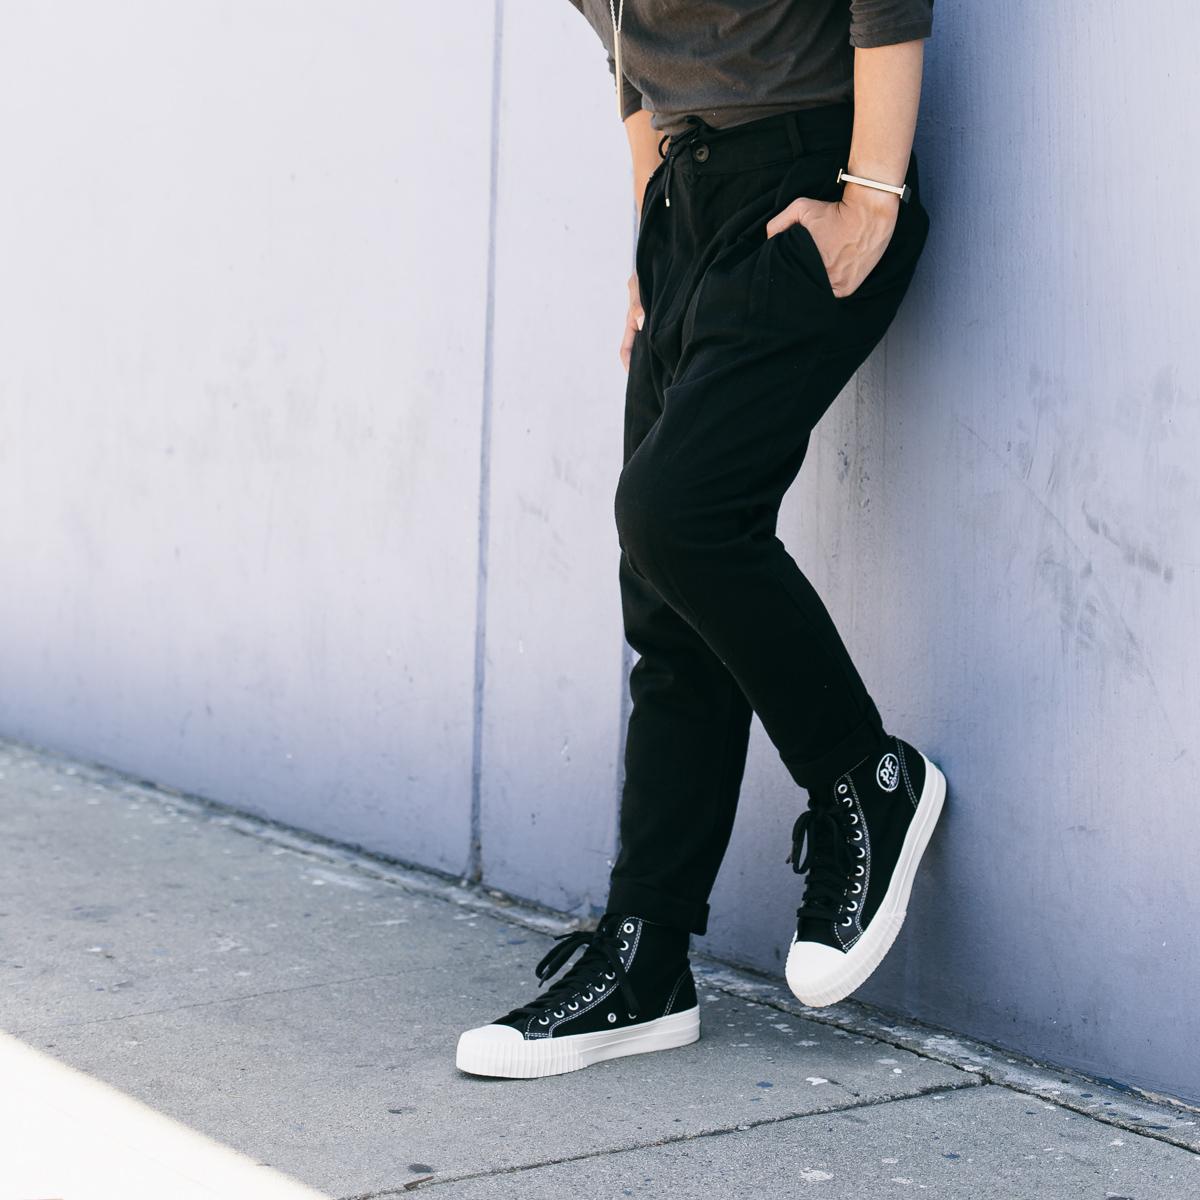 mybelonging-streetstyle-pf-flyer-sneakers-menswear-13.jpg